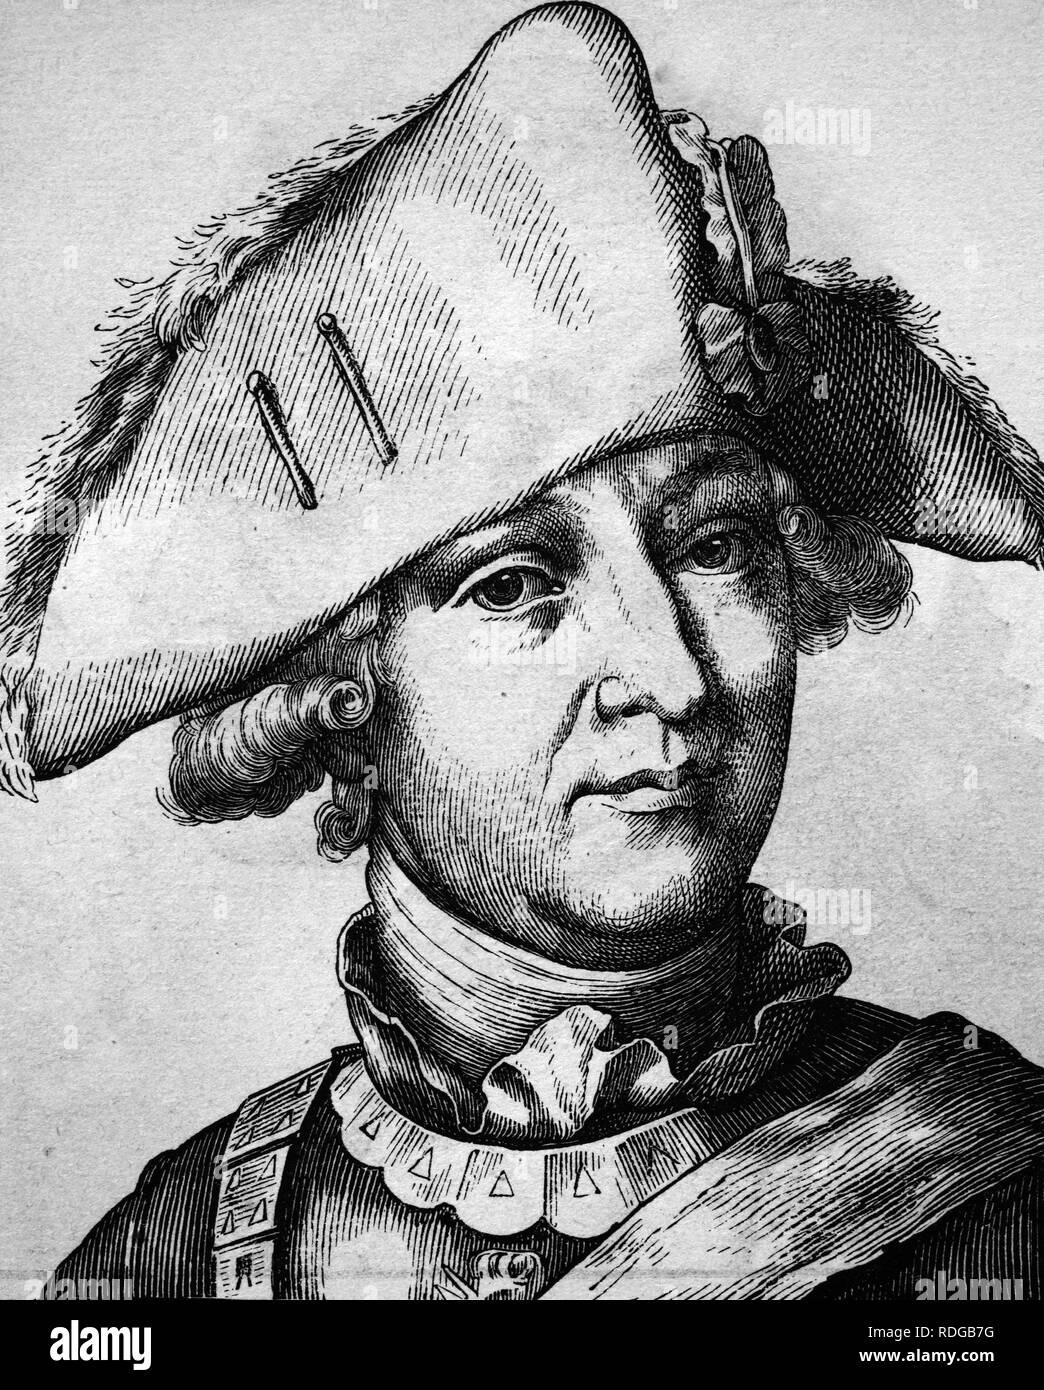 Friedrich Wilhelm, Freiherr von Seydlitz, 1721 - 1773, portrait, historical illustration, 1880 Stock Photo